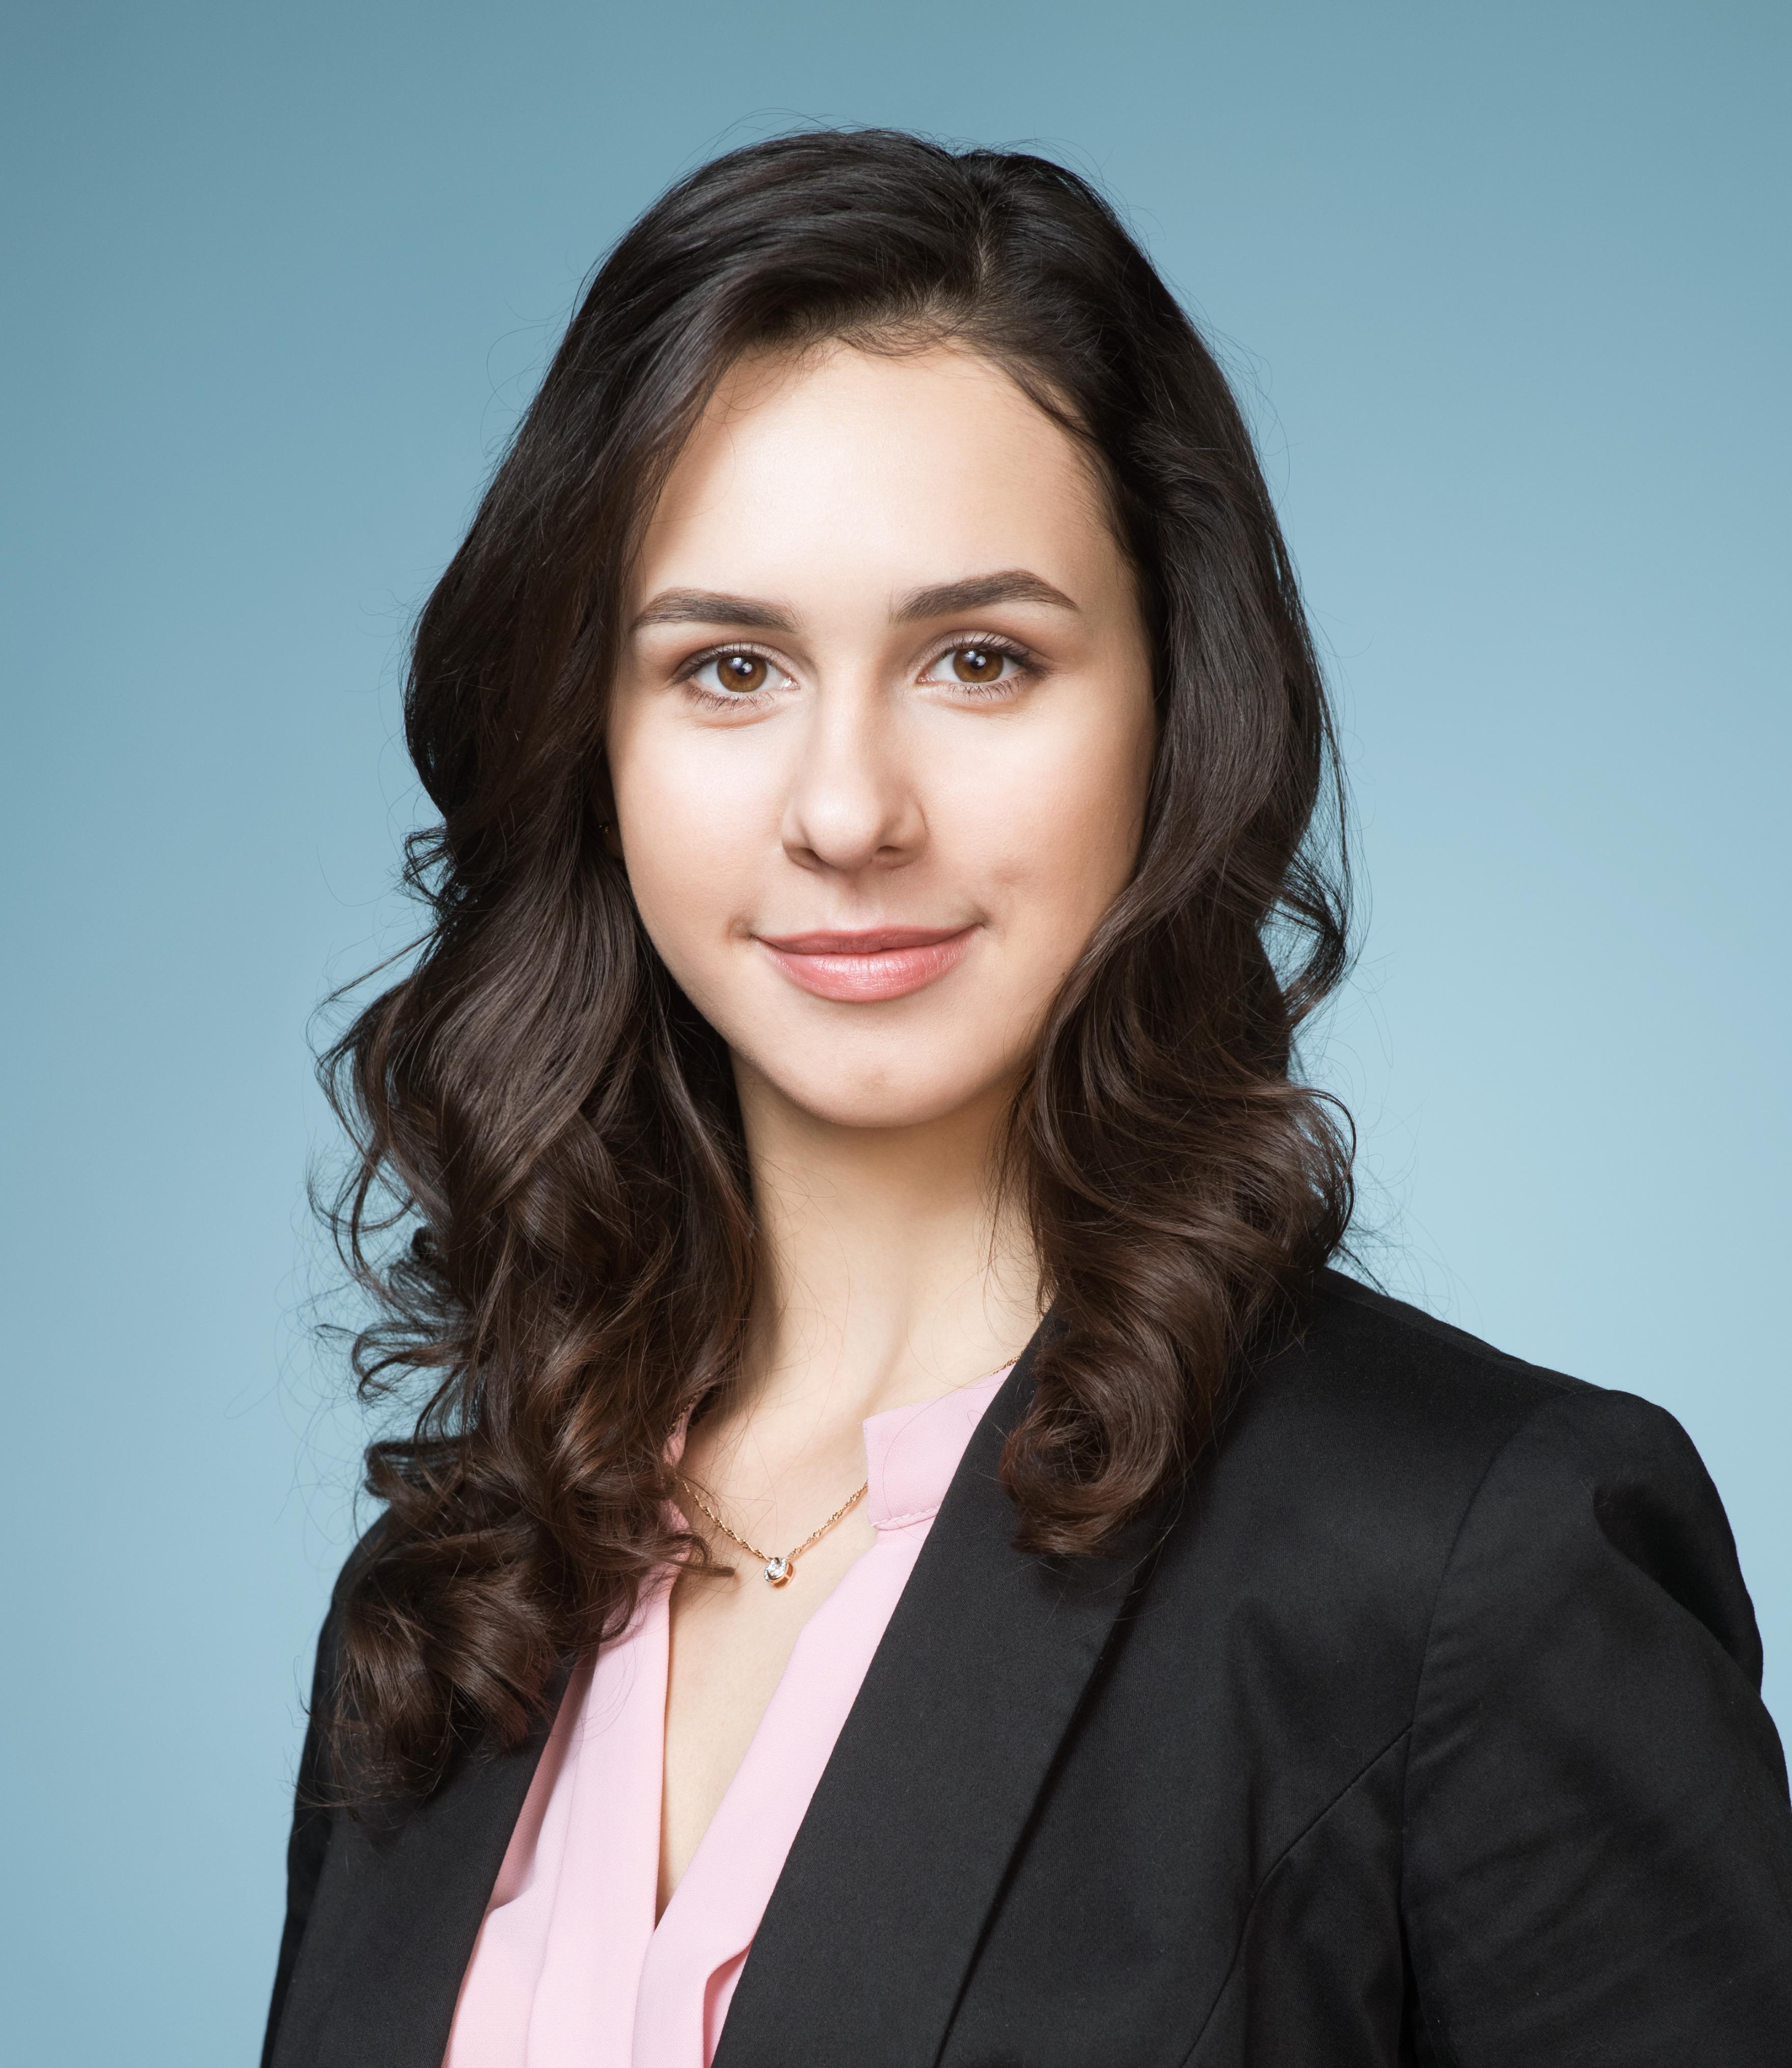 Alyona Lychkovskaya